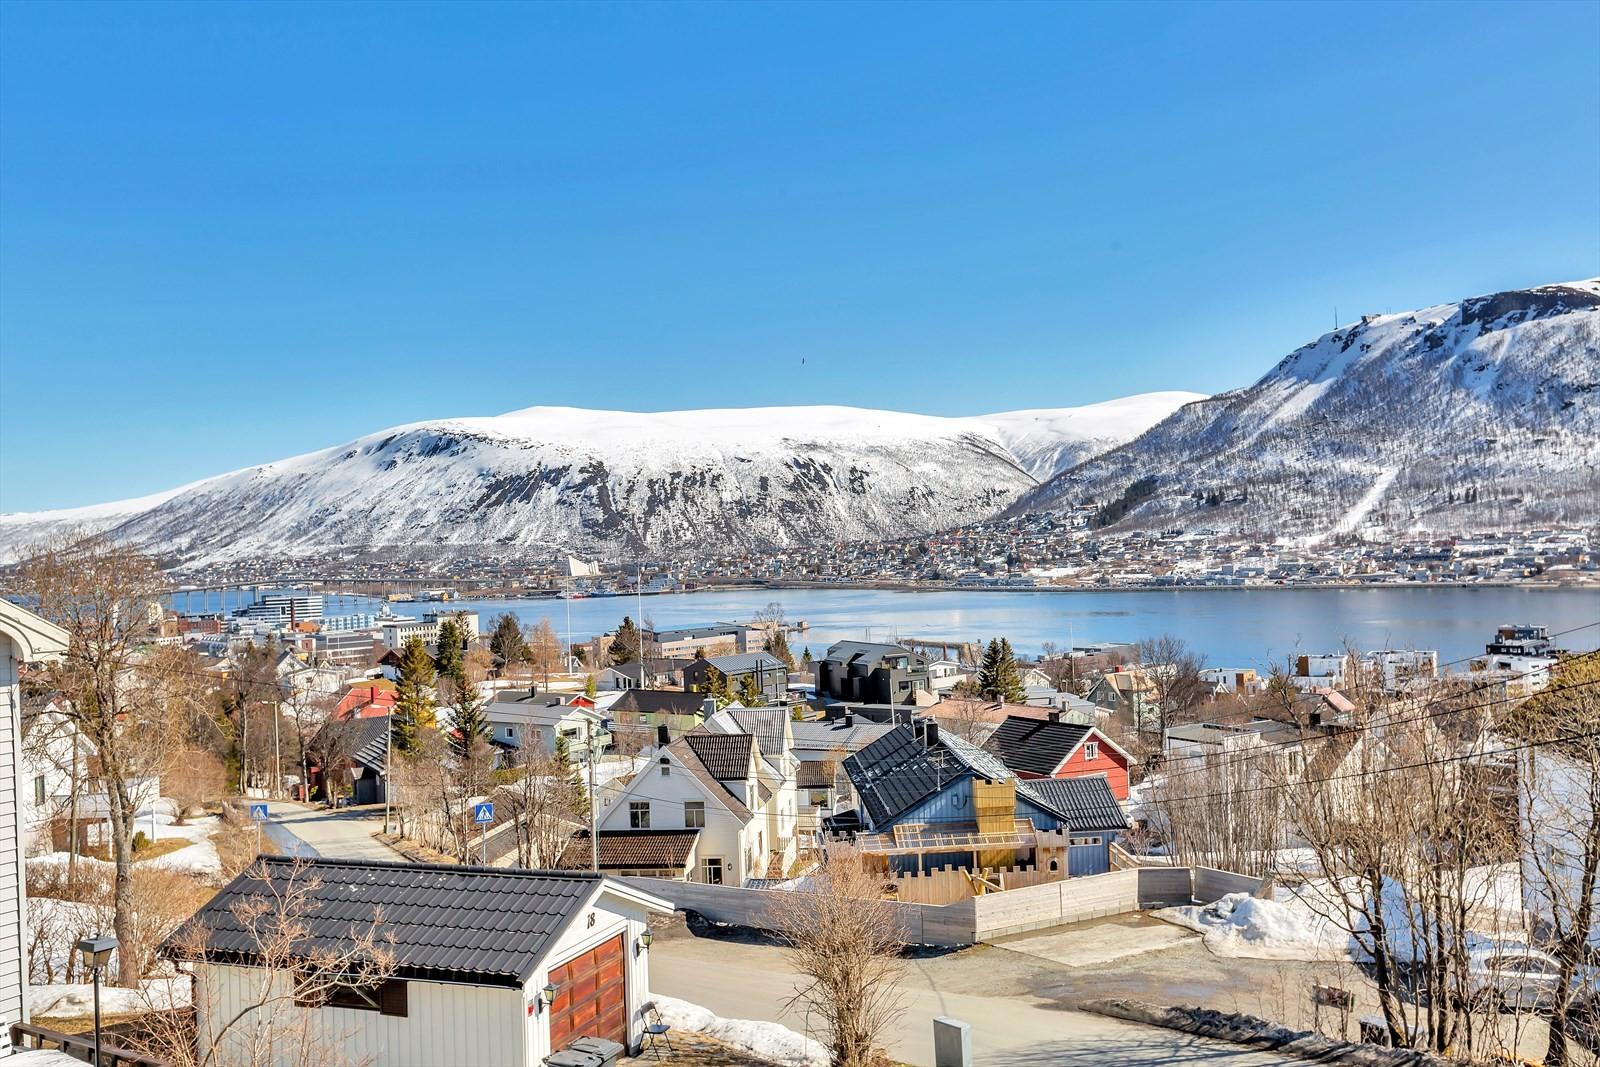 Flott utsikt over byen, havet og Fløya!